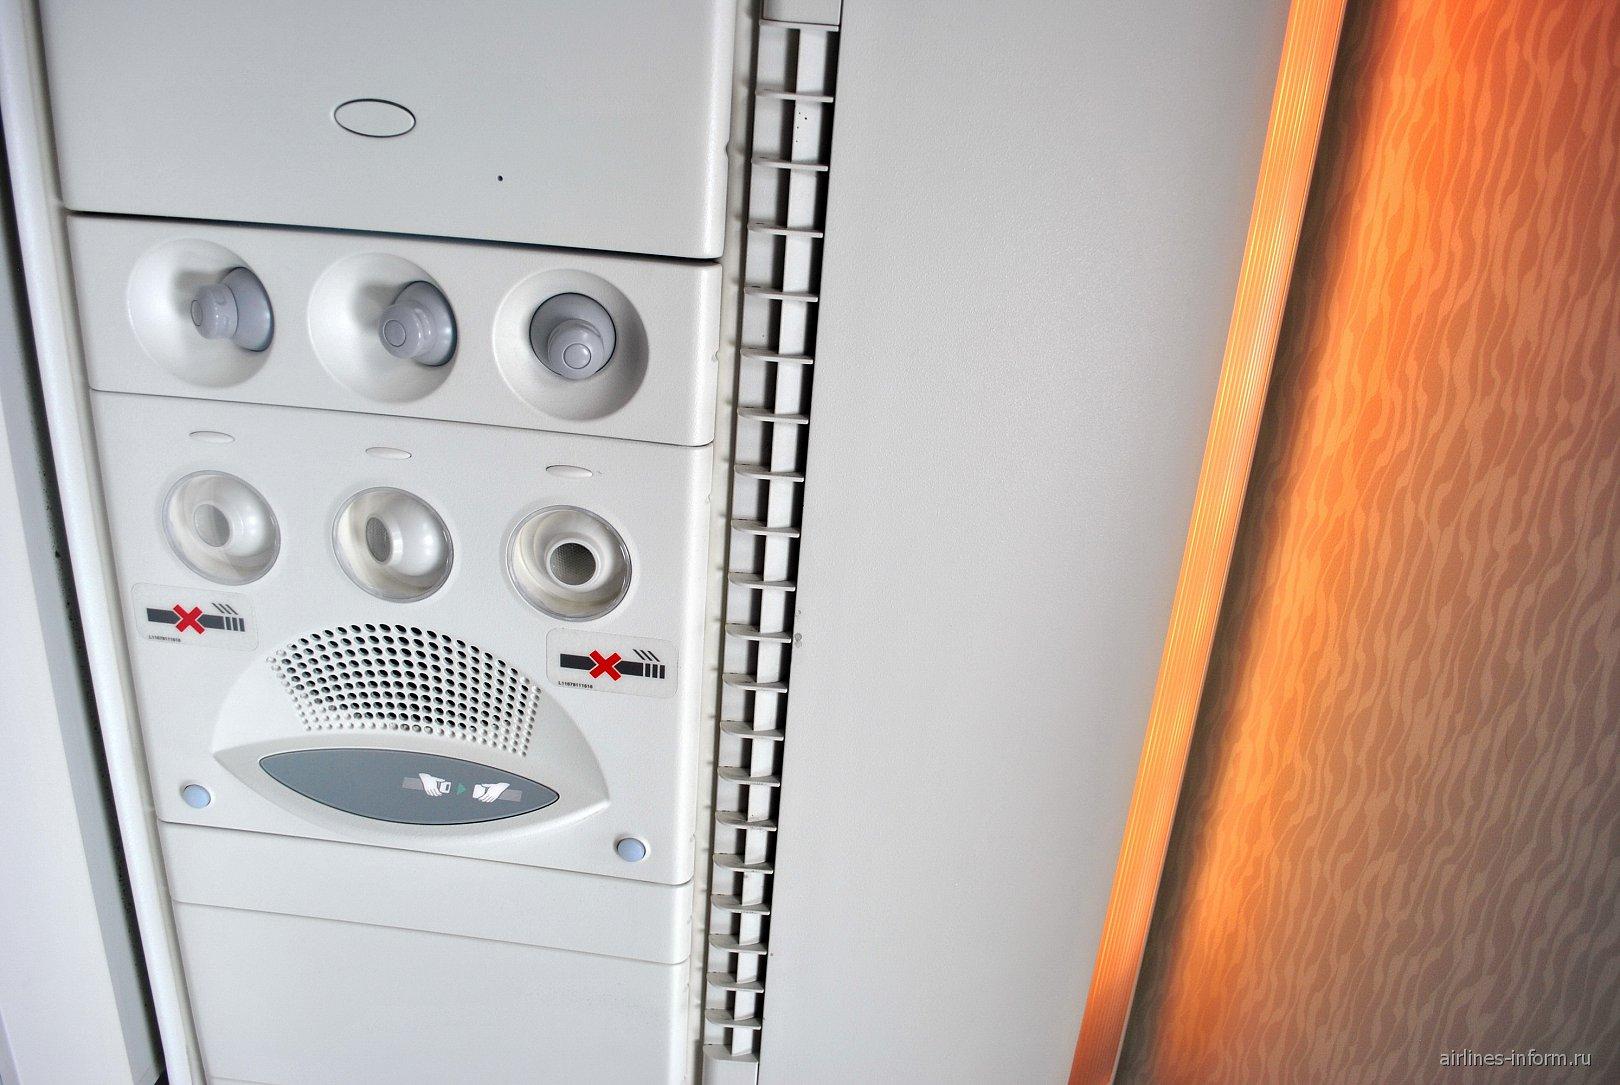 Верхняя панель с подсветкой Mood Lighting в самолете Airbus A380 Emirates